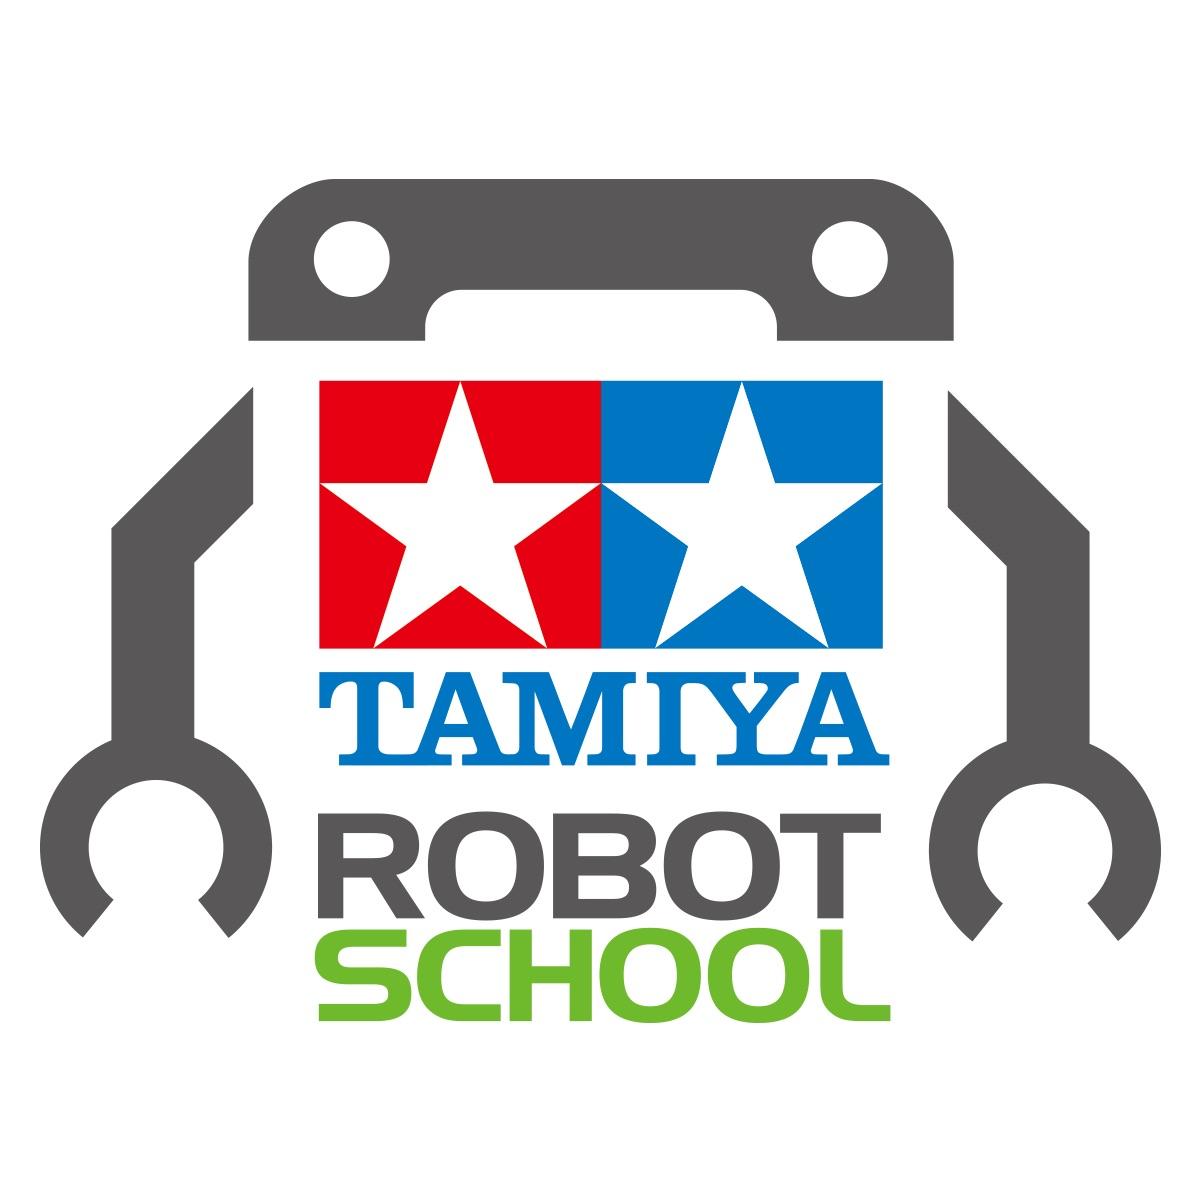 タミヤロボットスクール 武蔵溝の口教室